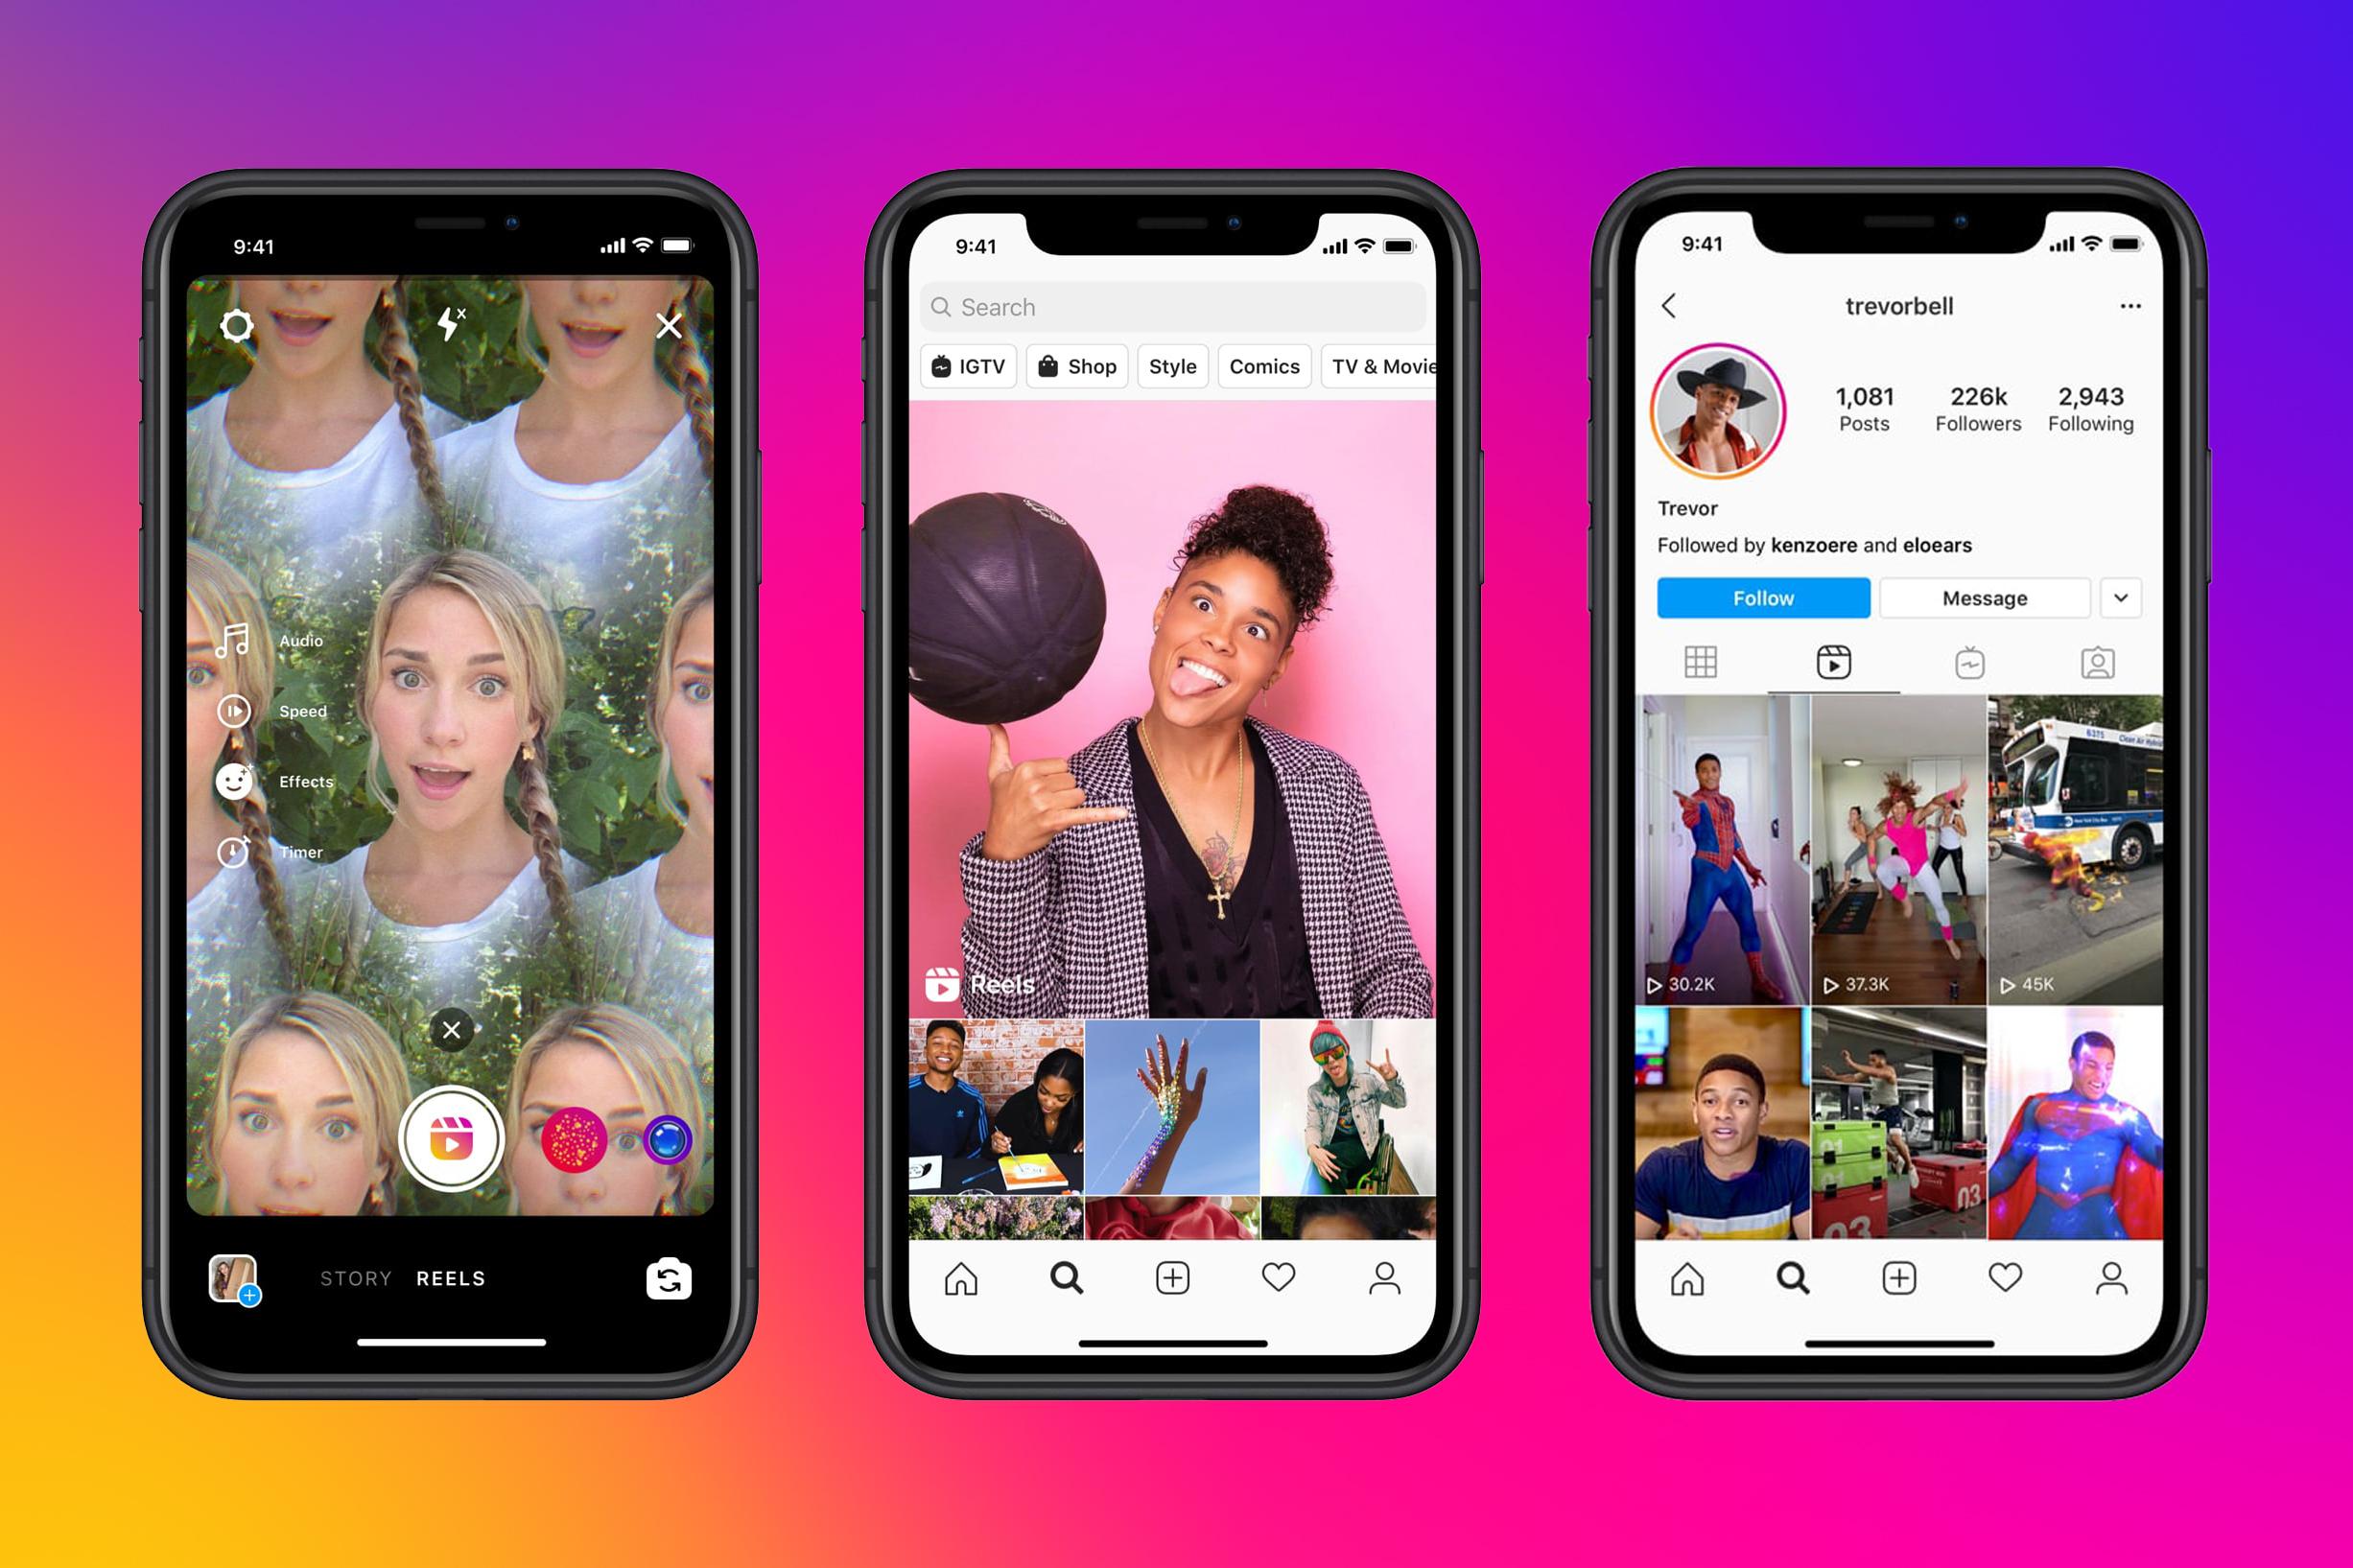 Instagram launches TikTok copycat feature, Reels